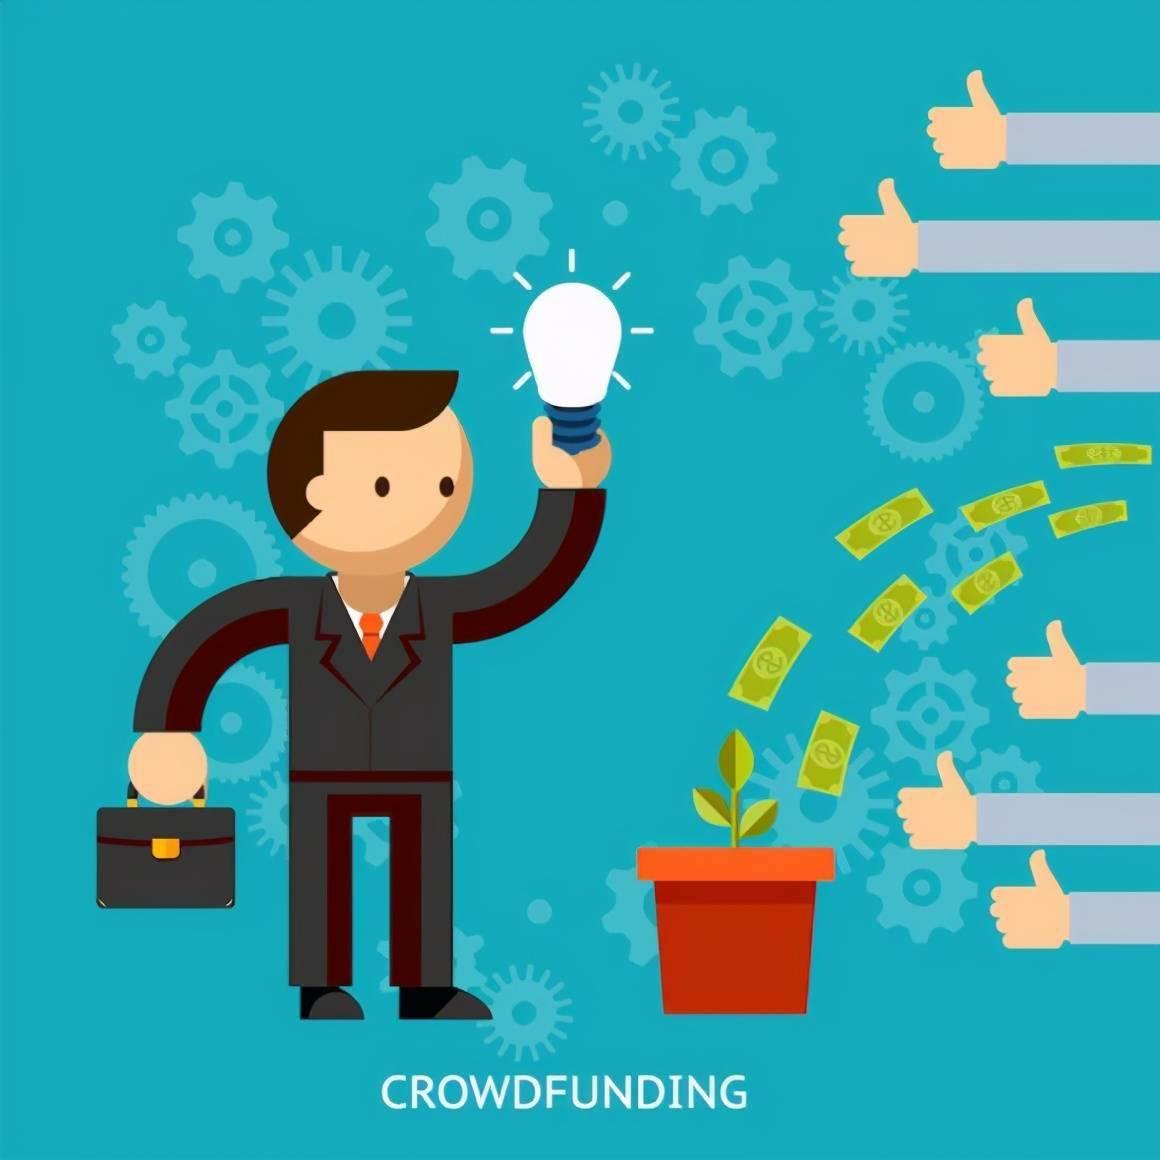 """基金投资有大动作!多平台在线投资服务要走过""""最后一英里""""还有很长的路要走"""